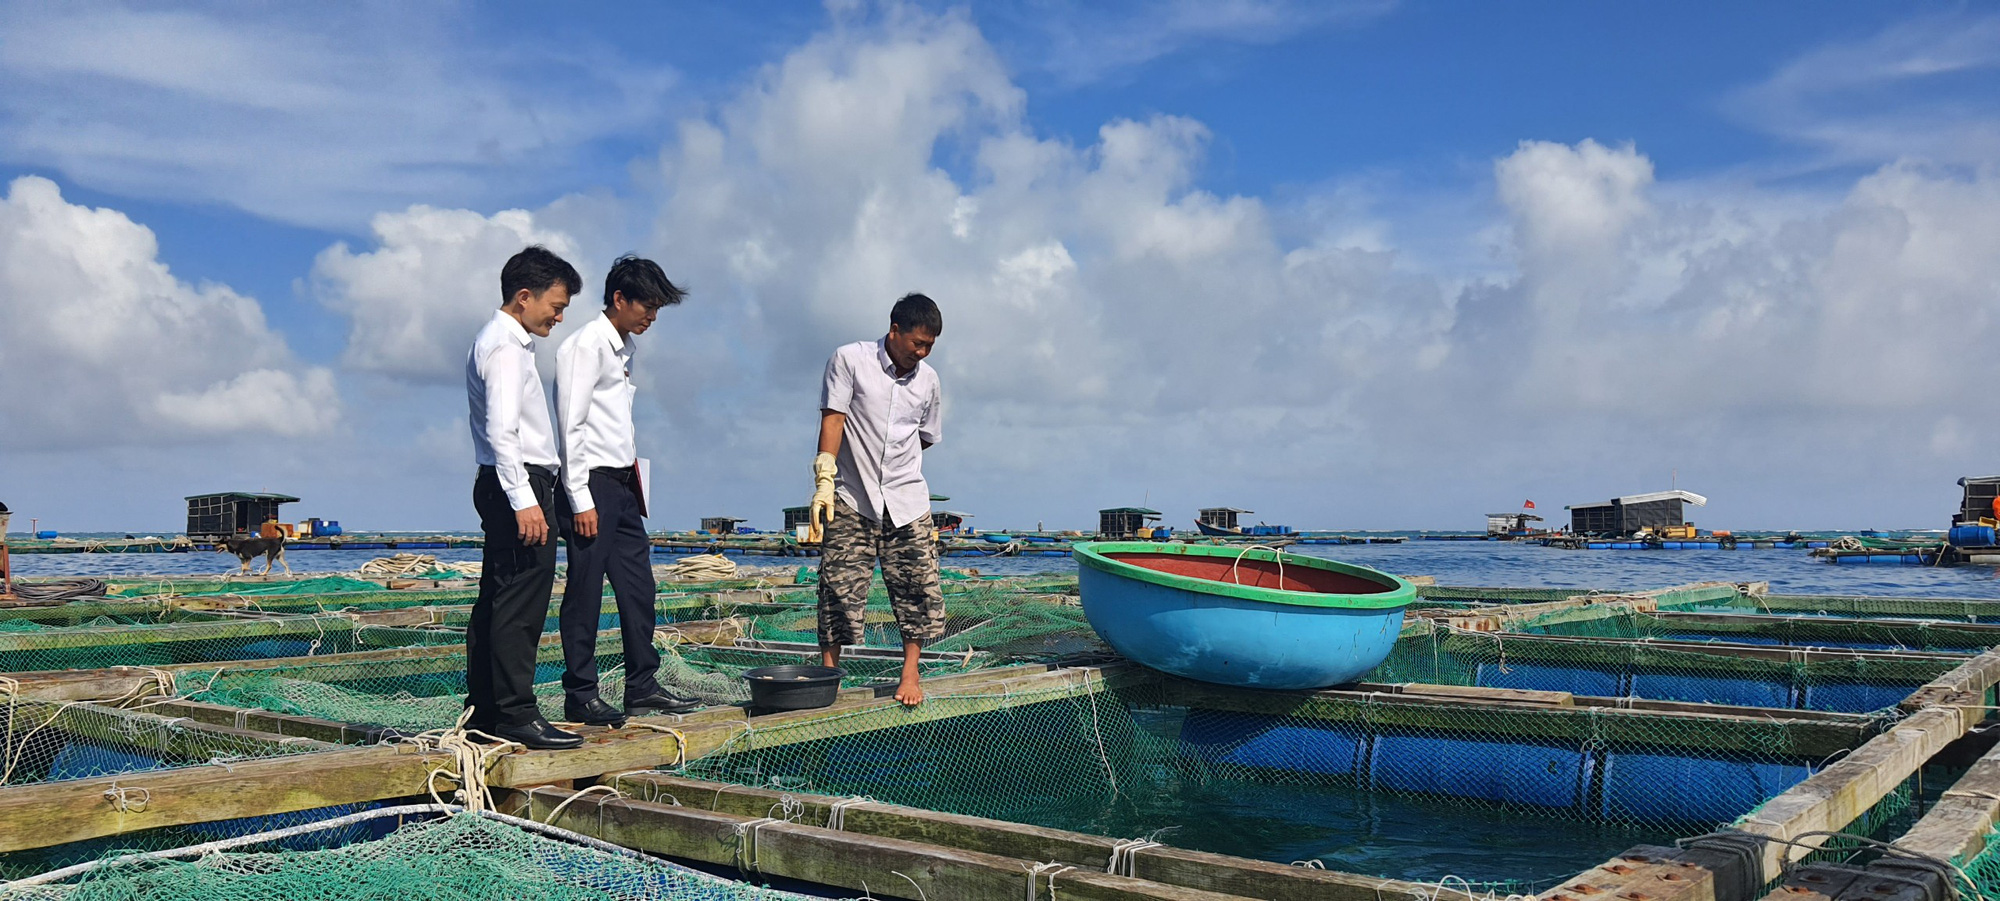 Ông Thảo đã đổi đời nhờ mô hình nuôi cá lồng bè (cá bớp).